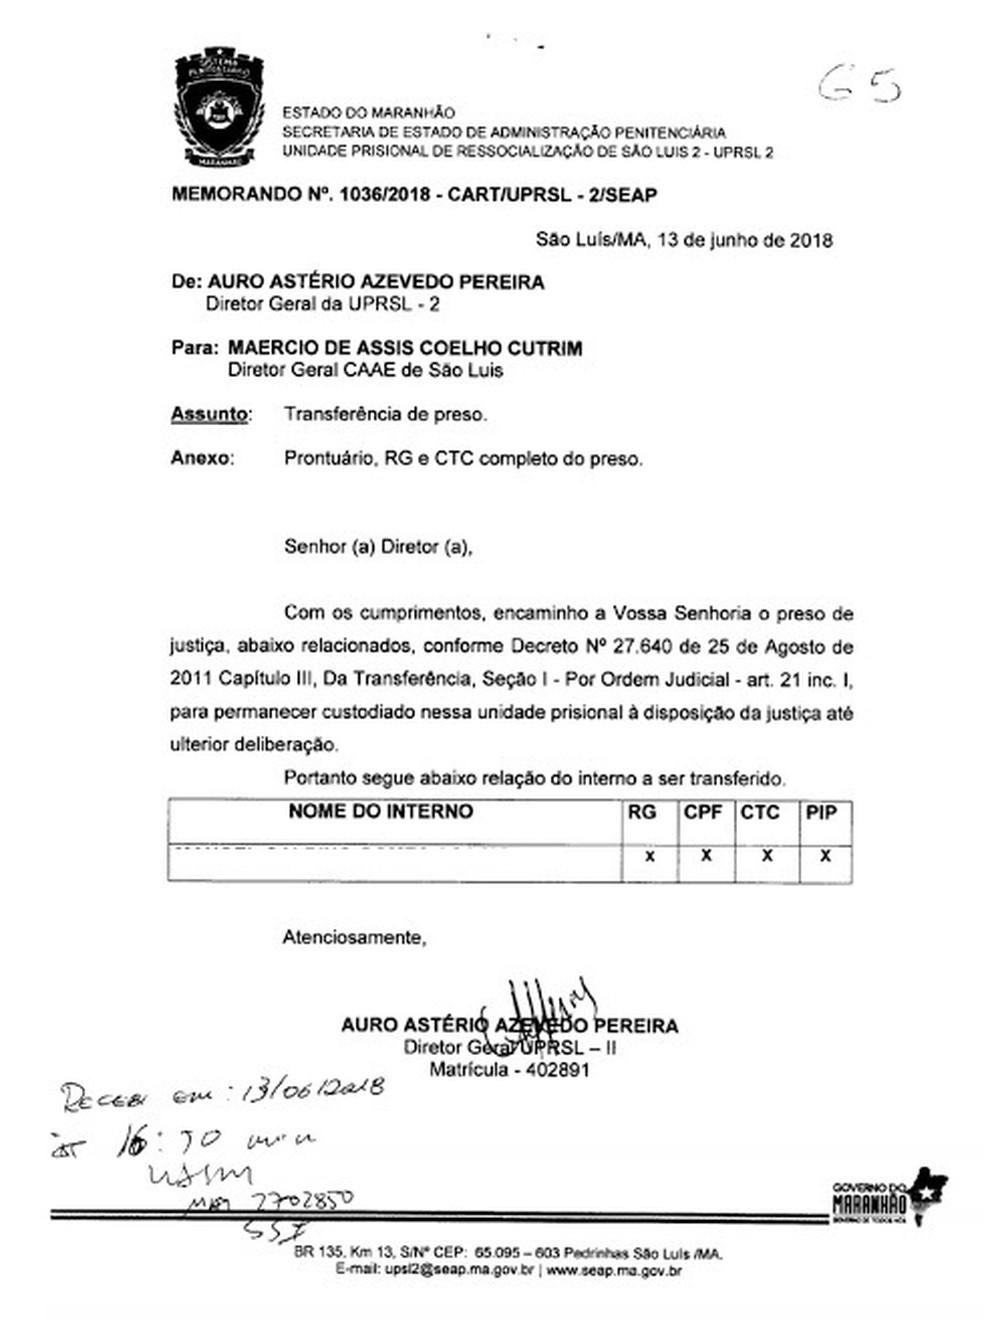 Memorando que encaminha detento para a Casa de Assistência ao Albergado e Egresso (CAAE) de São Luís. (Foto: Divulgação)